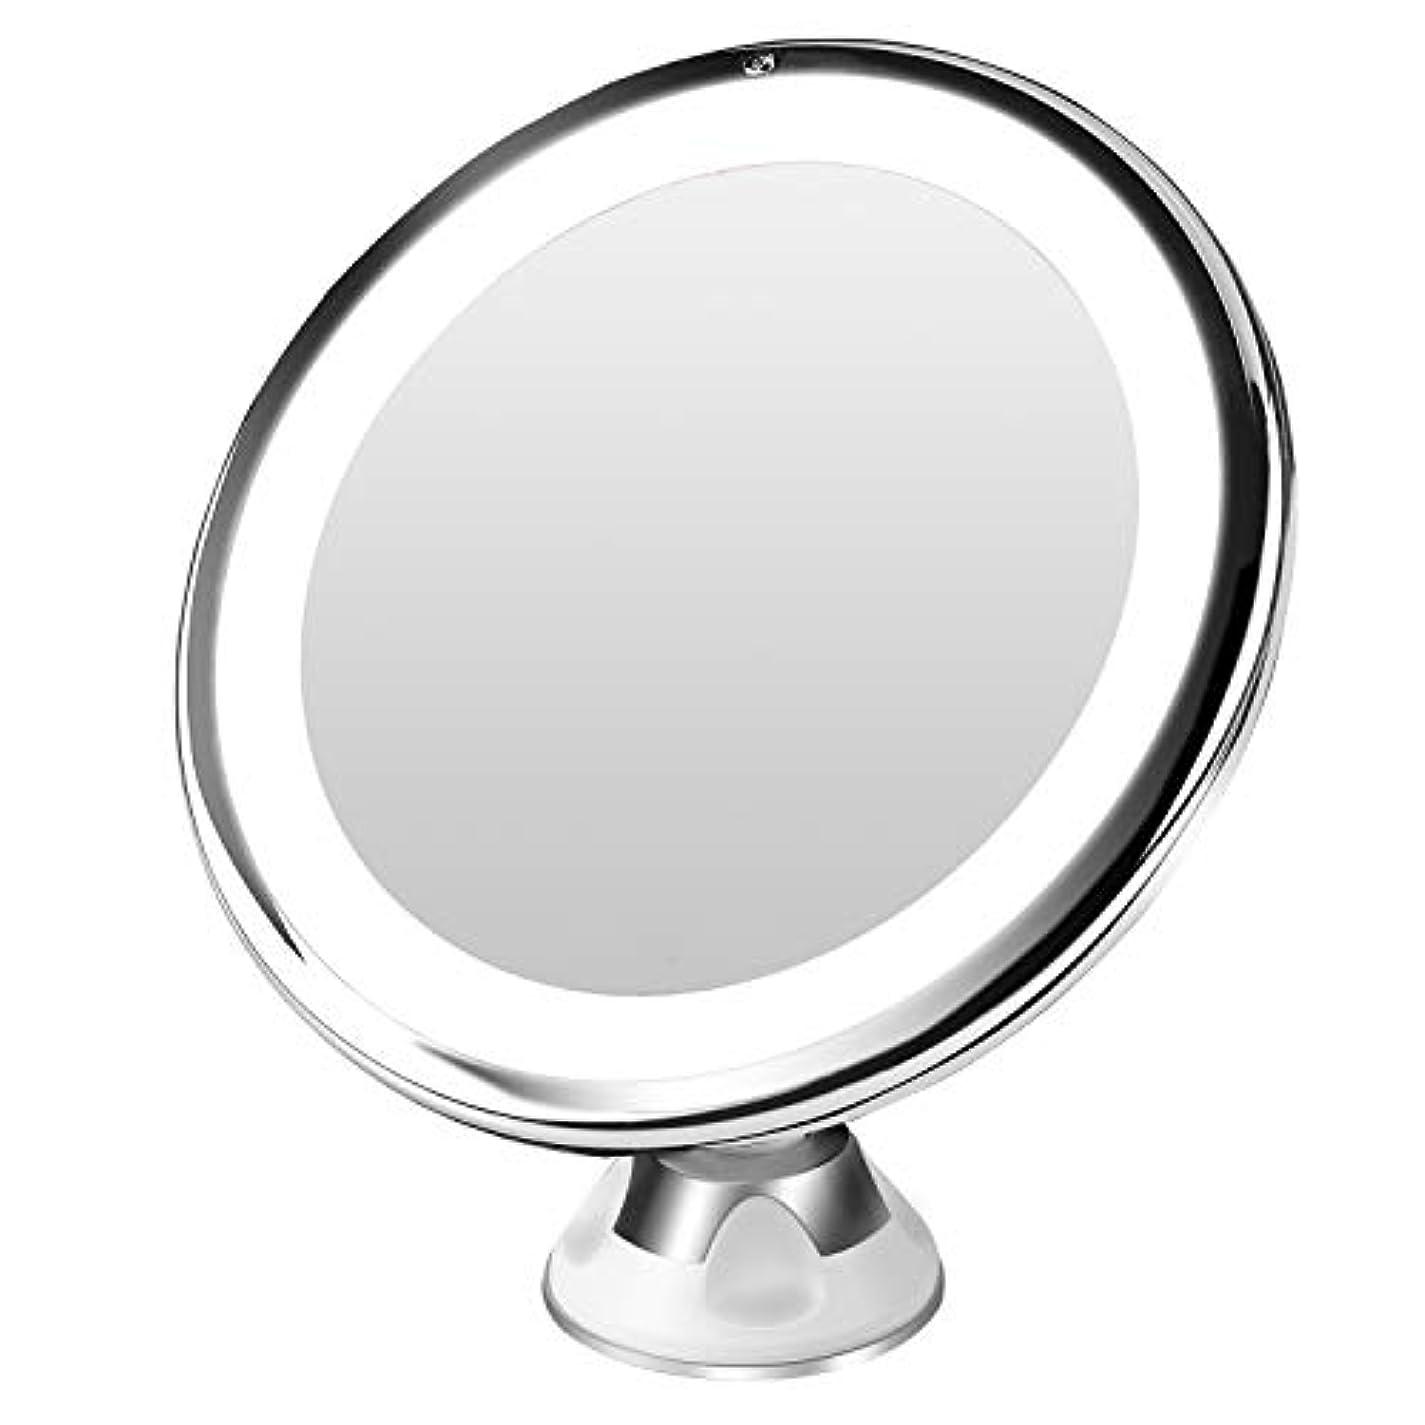 トピック消毒するモトリーBESTOPE 10倍拡大鏡 LED化粧鏡 浴室鏡 卓上鏡 曇らないミラー 吸盤ロック付きLEDミラー 壁掛けメイクミラー 360度回転スタンドミラー 単四電池&USB給電(改良版)